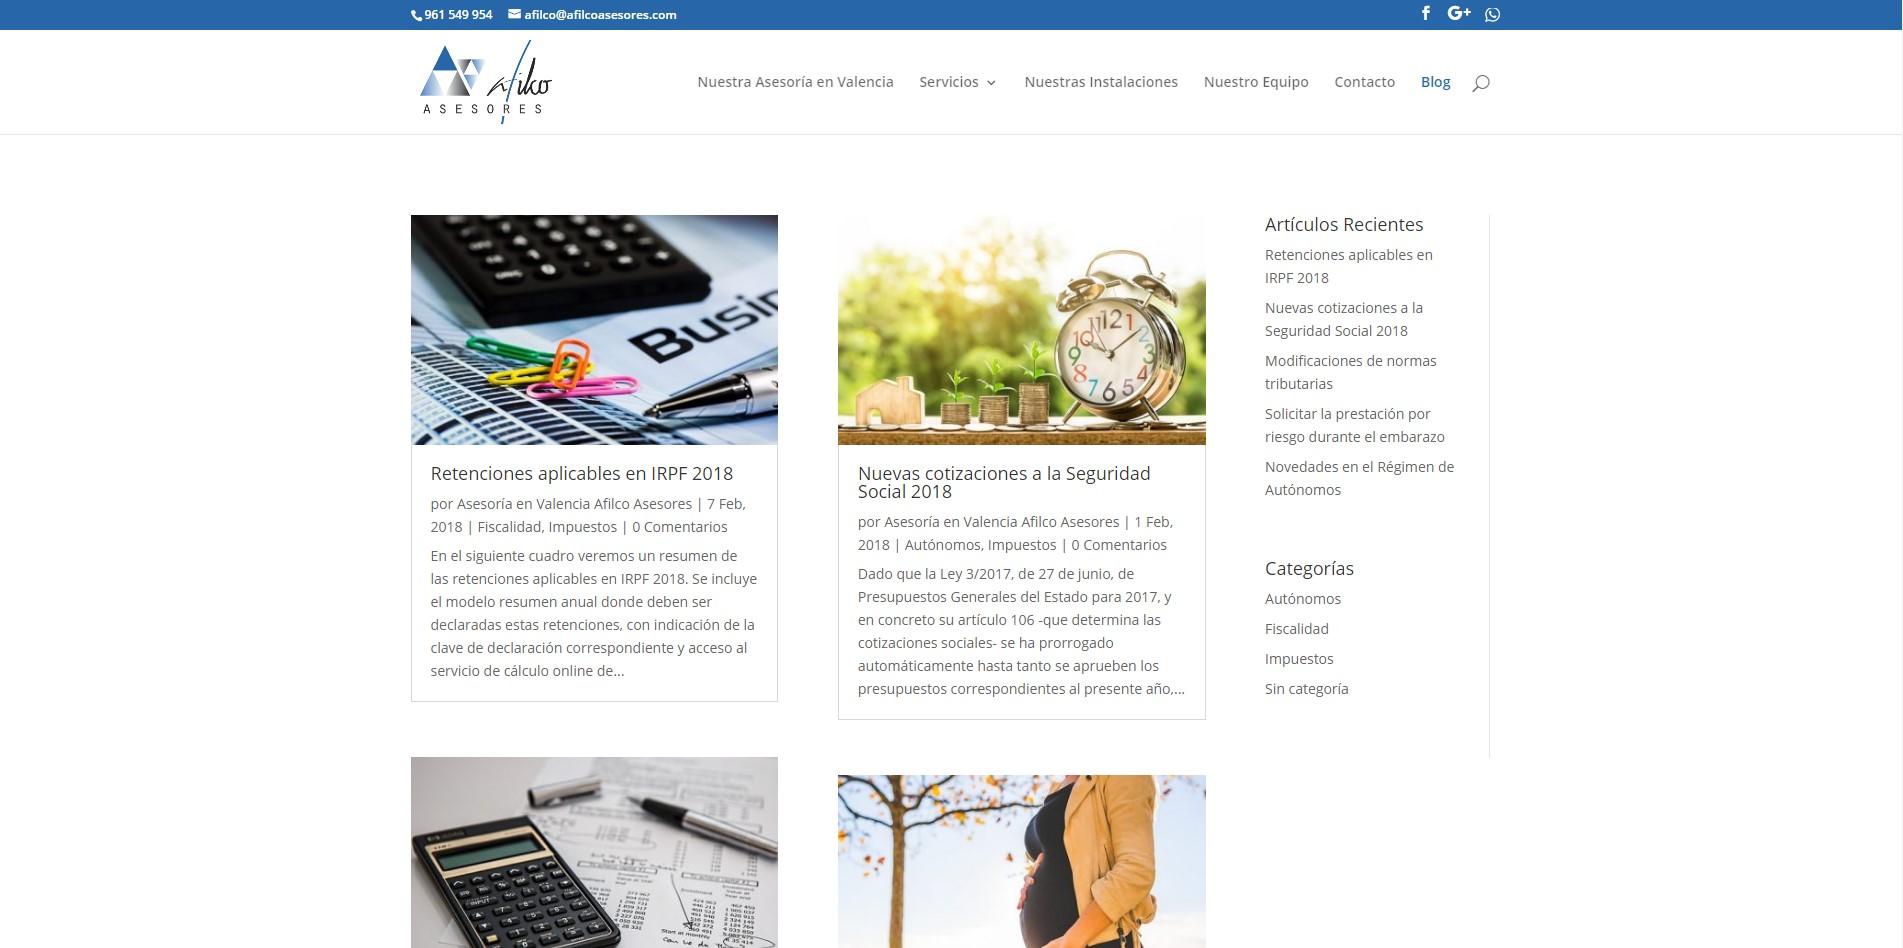 Diseño Web Afilco Asesores imagen 4